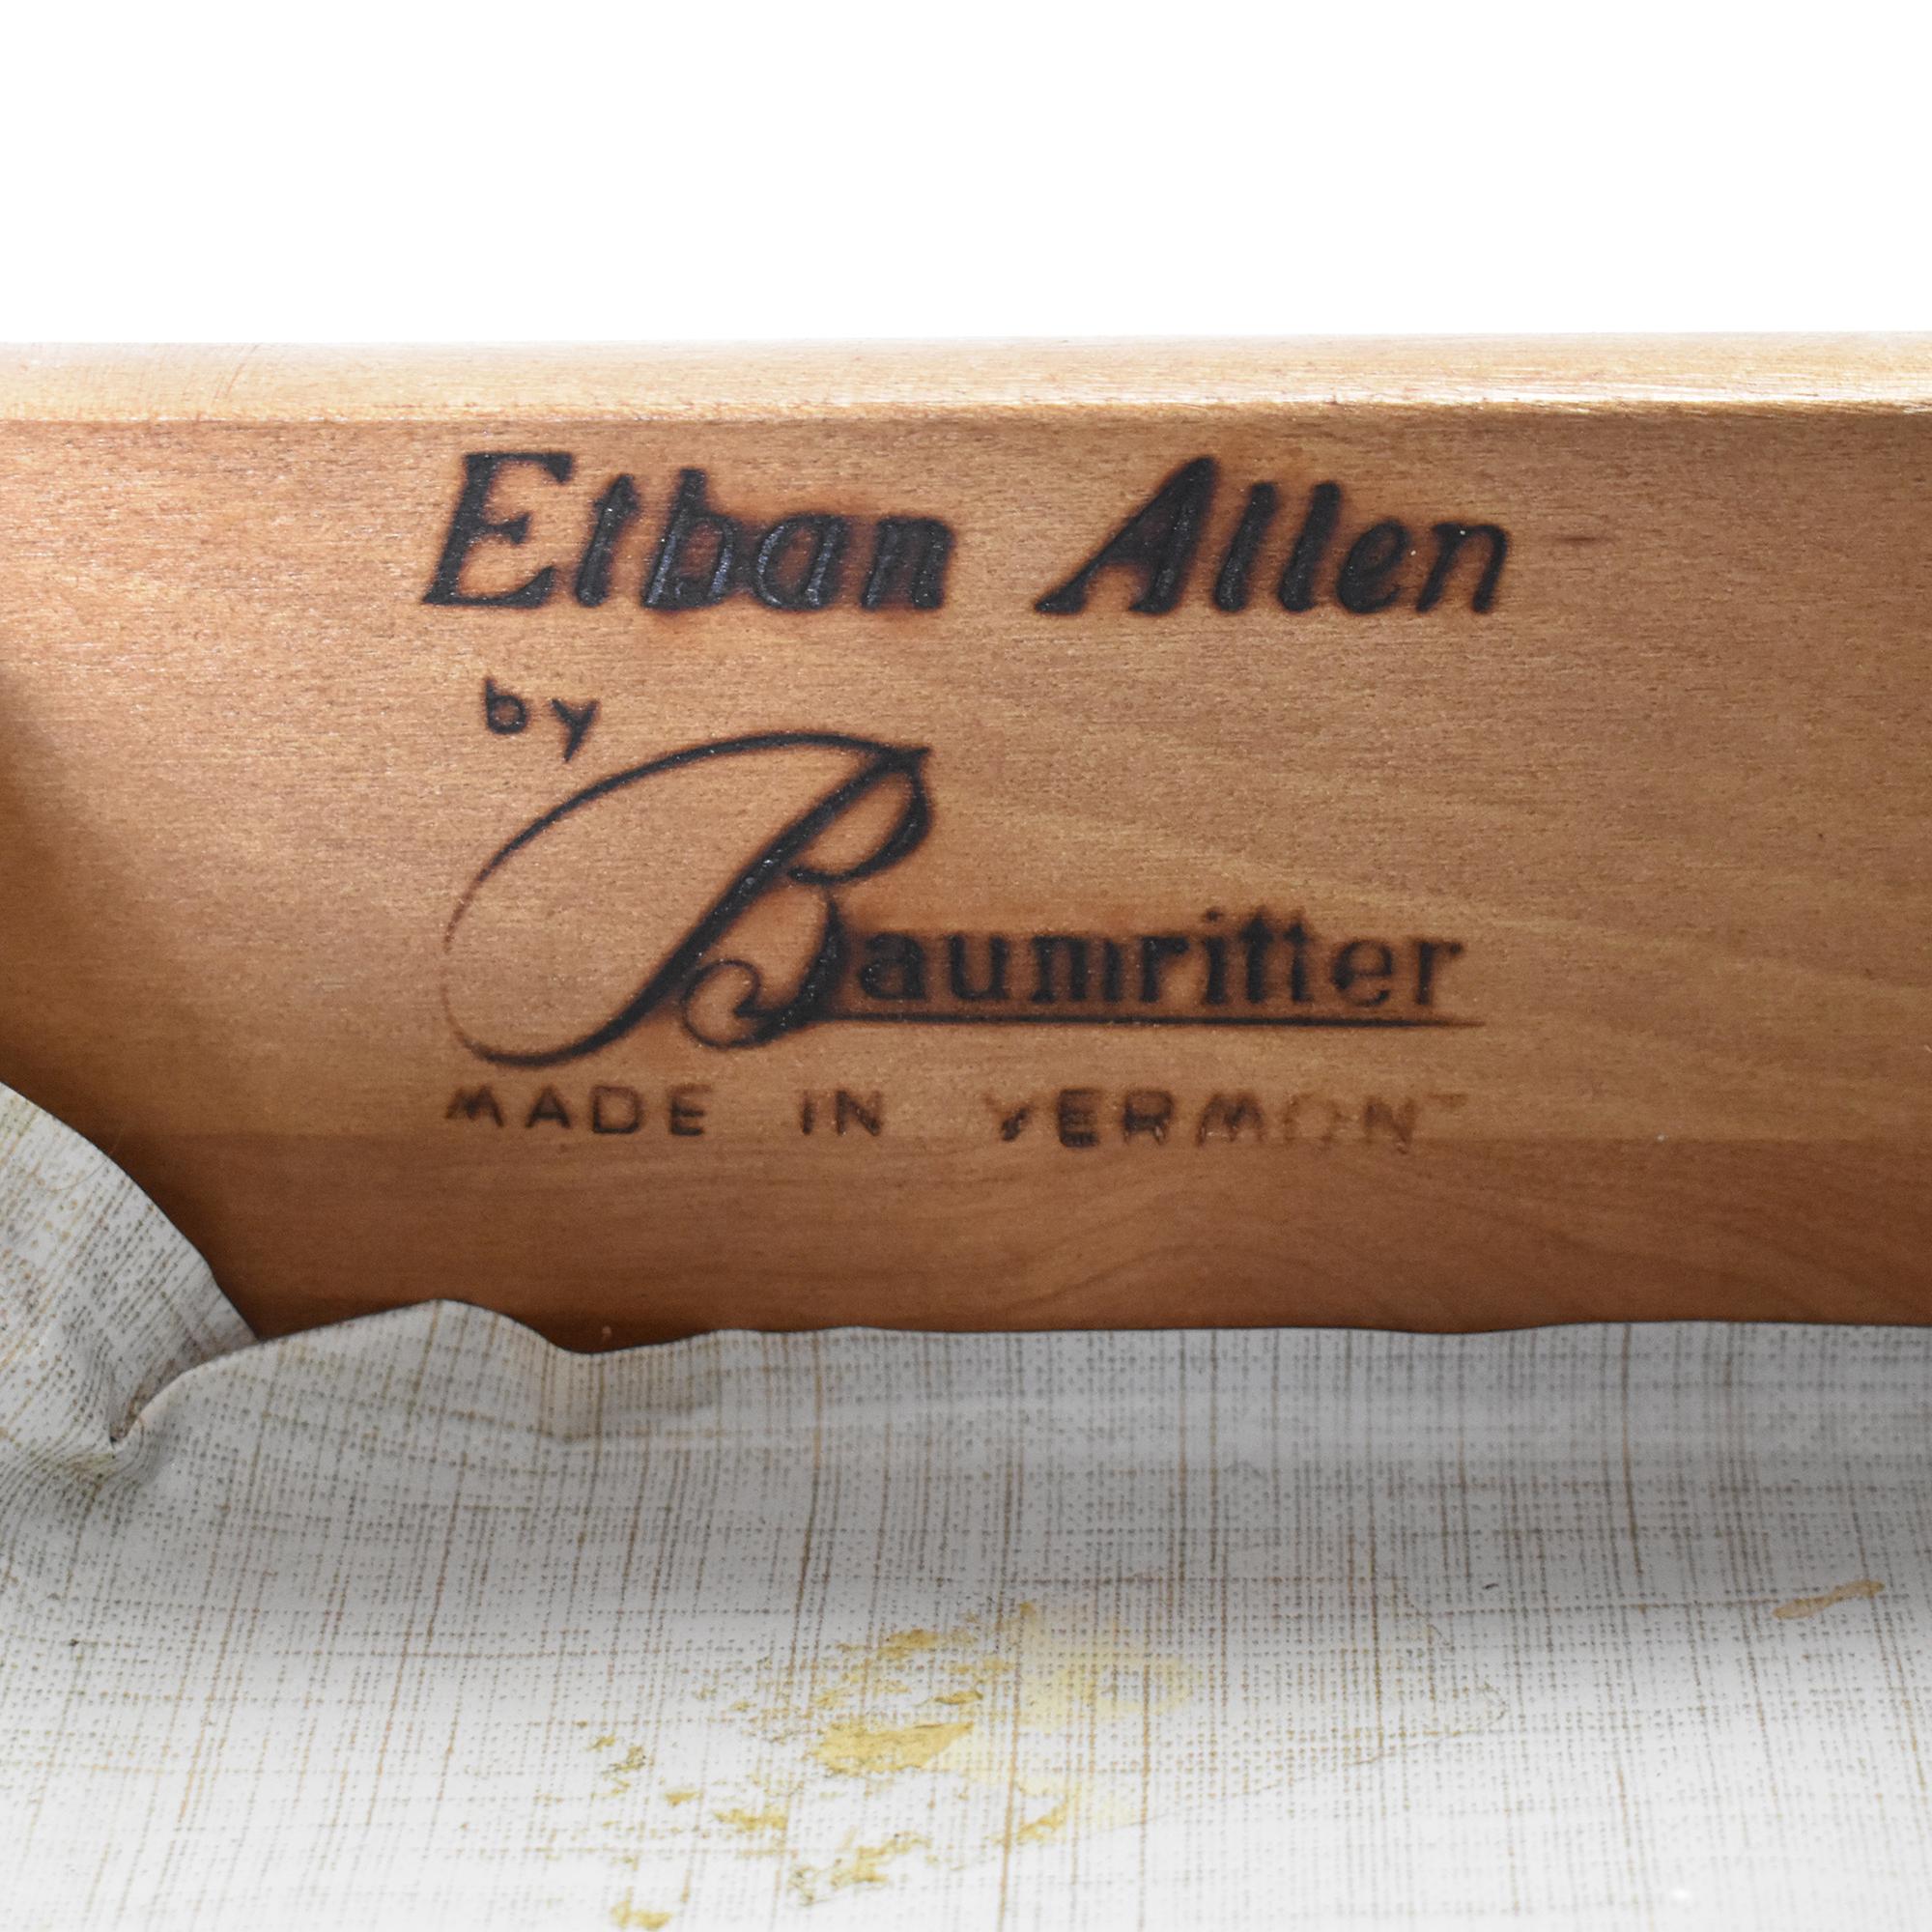 Ethan Allen Ethan Allen Baumritter Four Drawer Chest  Dressers